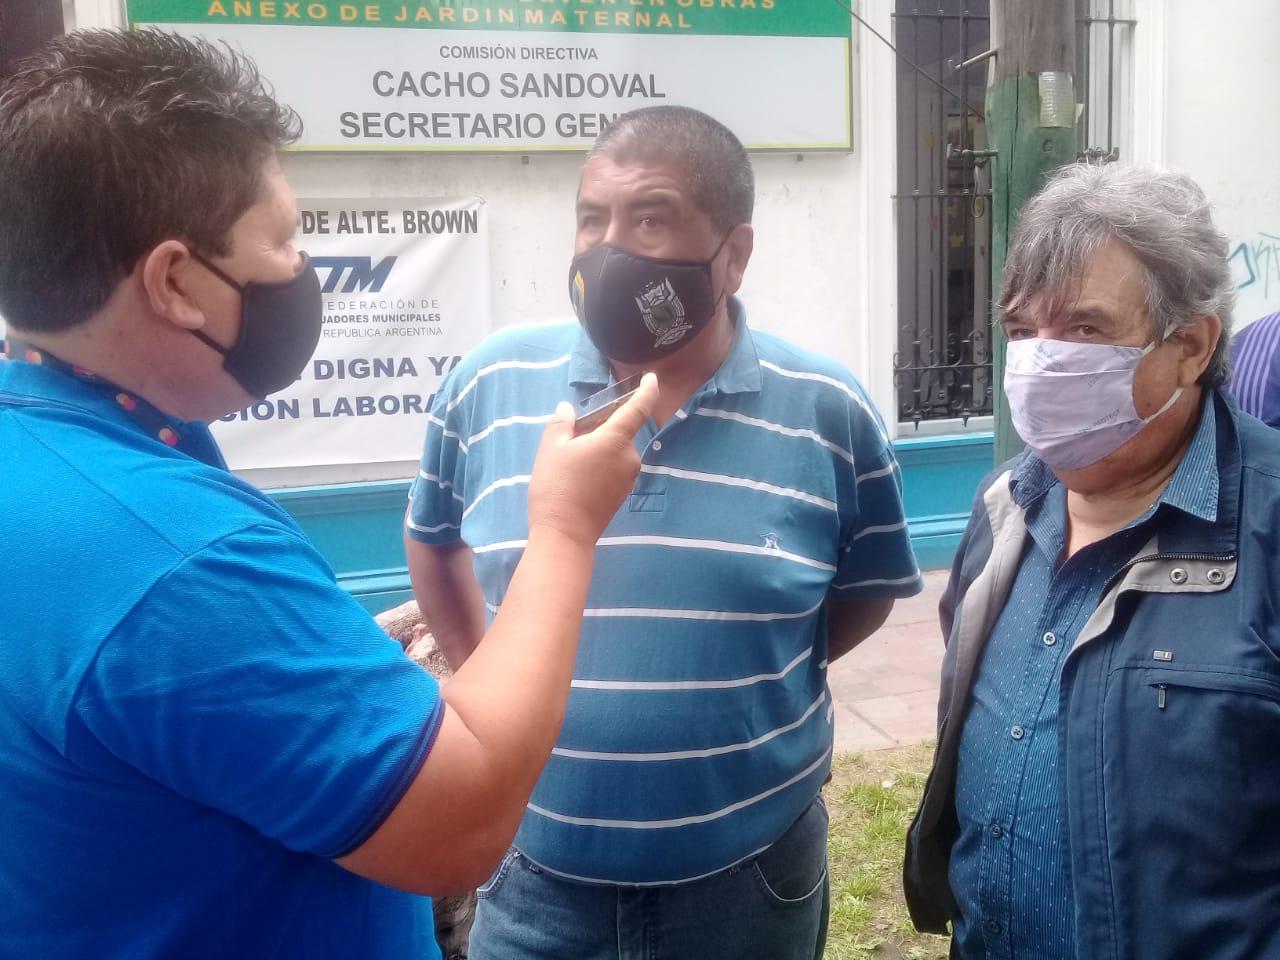 Inauguraron el Anexo del Jardín Maternal de Sindicato de Trabajadores Municipales de Almirante Brown